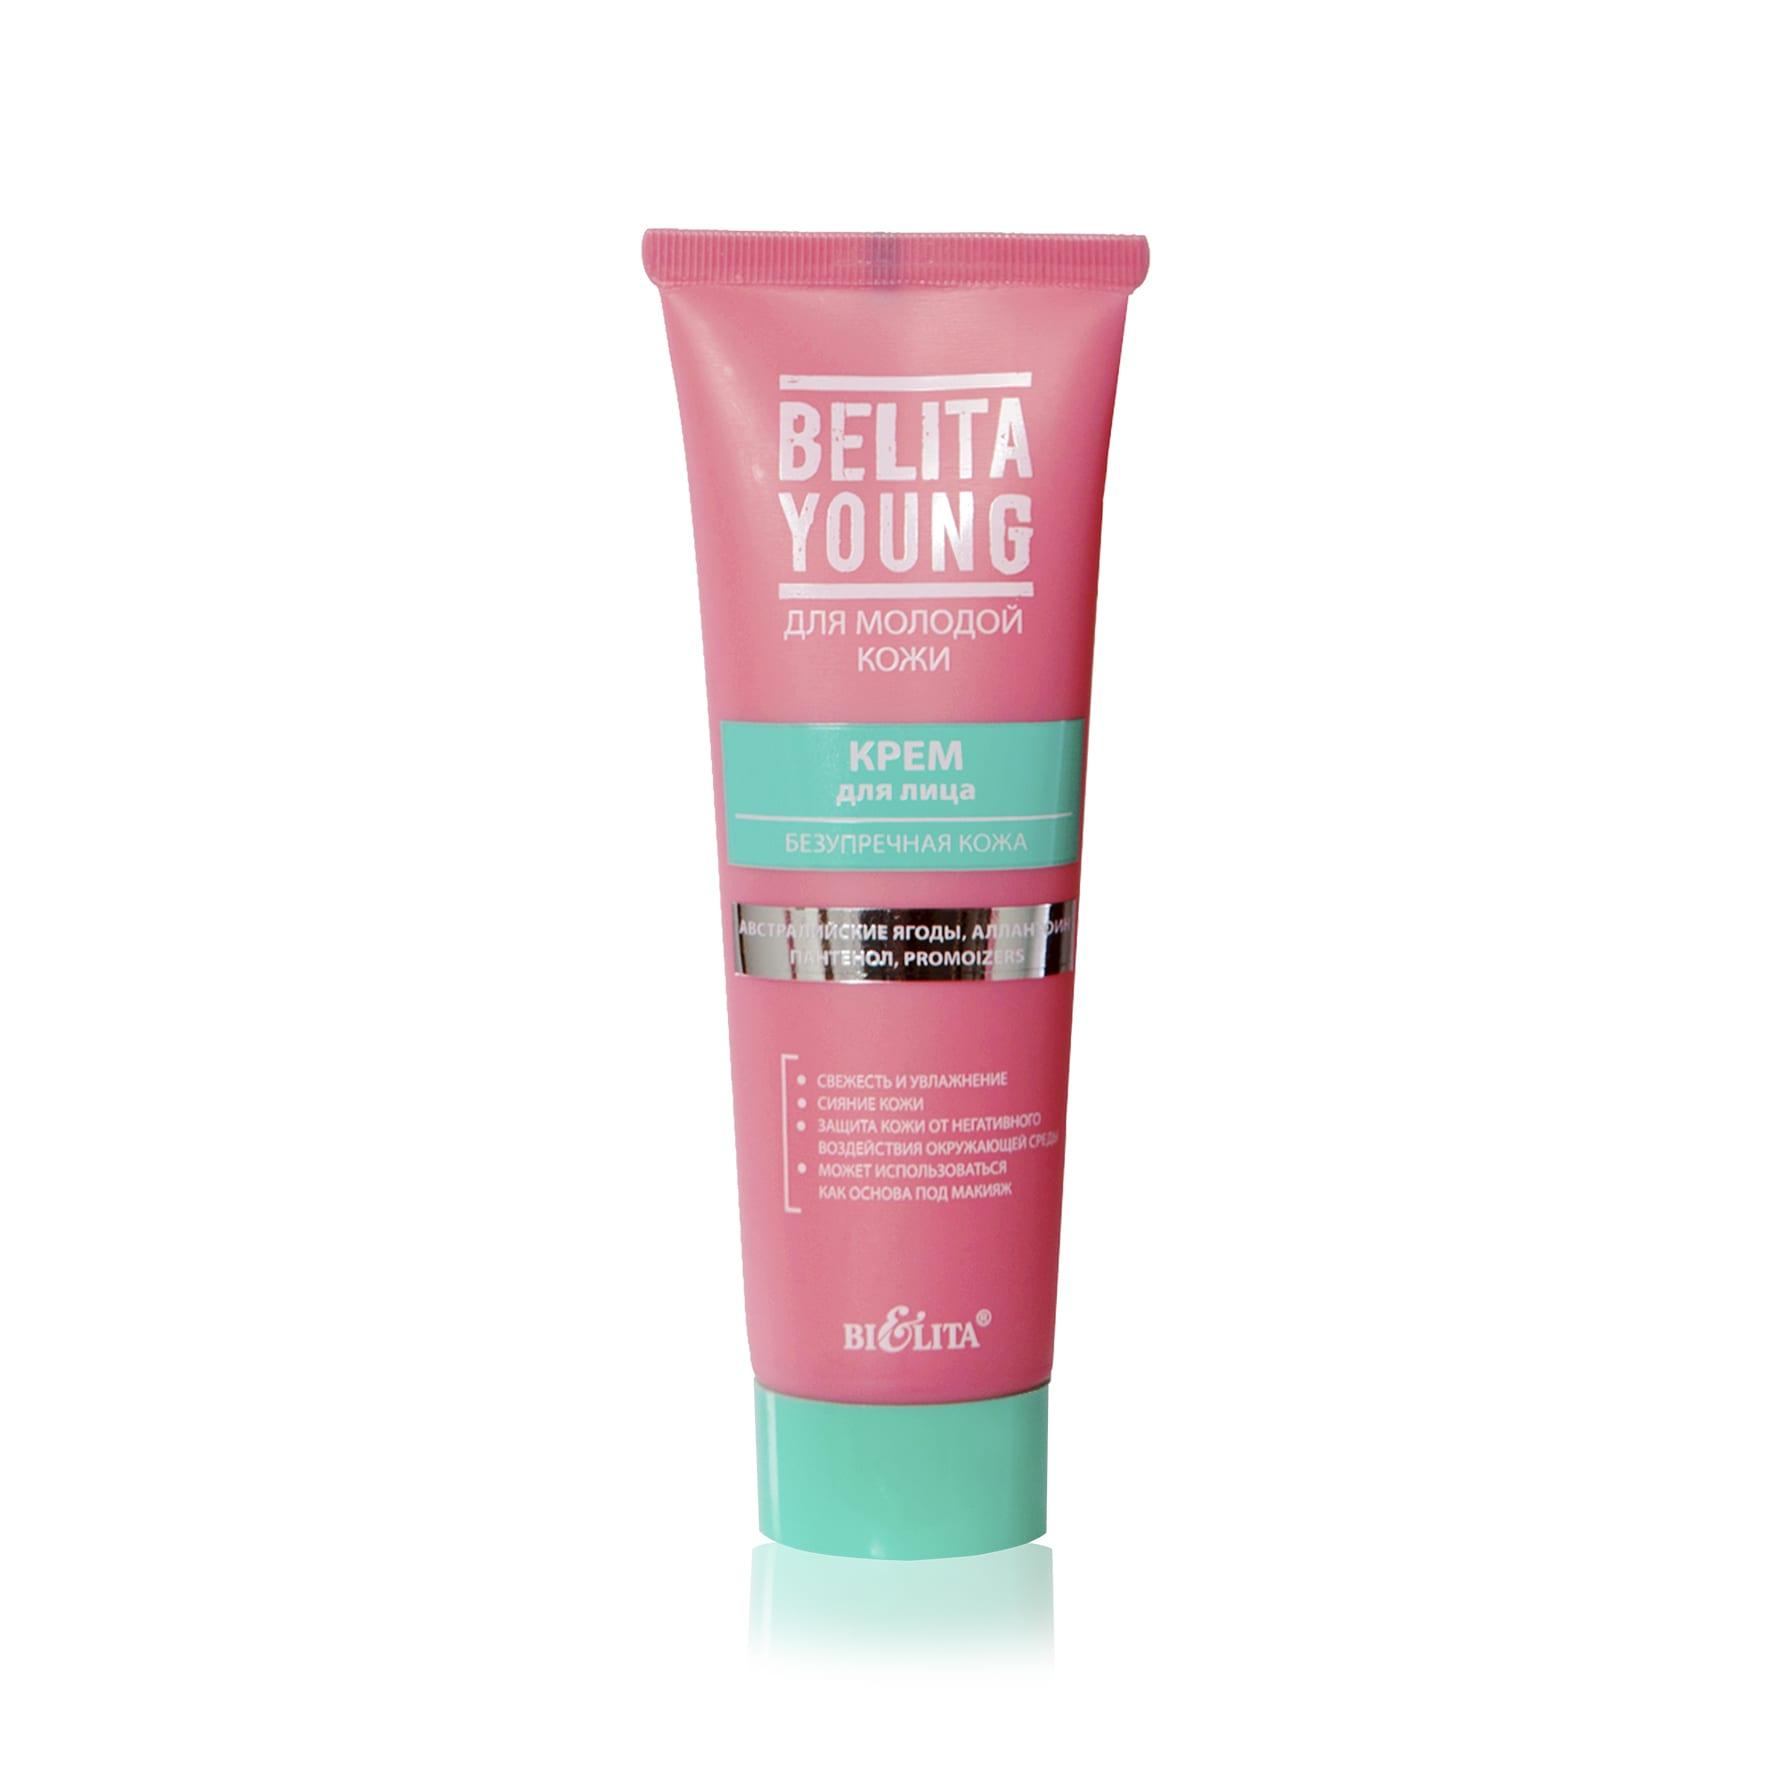 BELITA YOUNG. Крем для лица Безупречная кожа 50 мл.